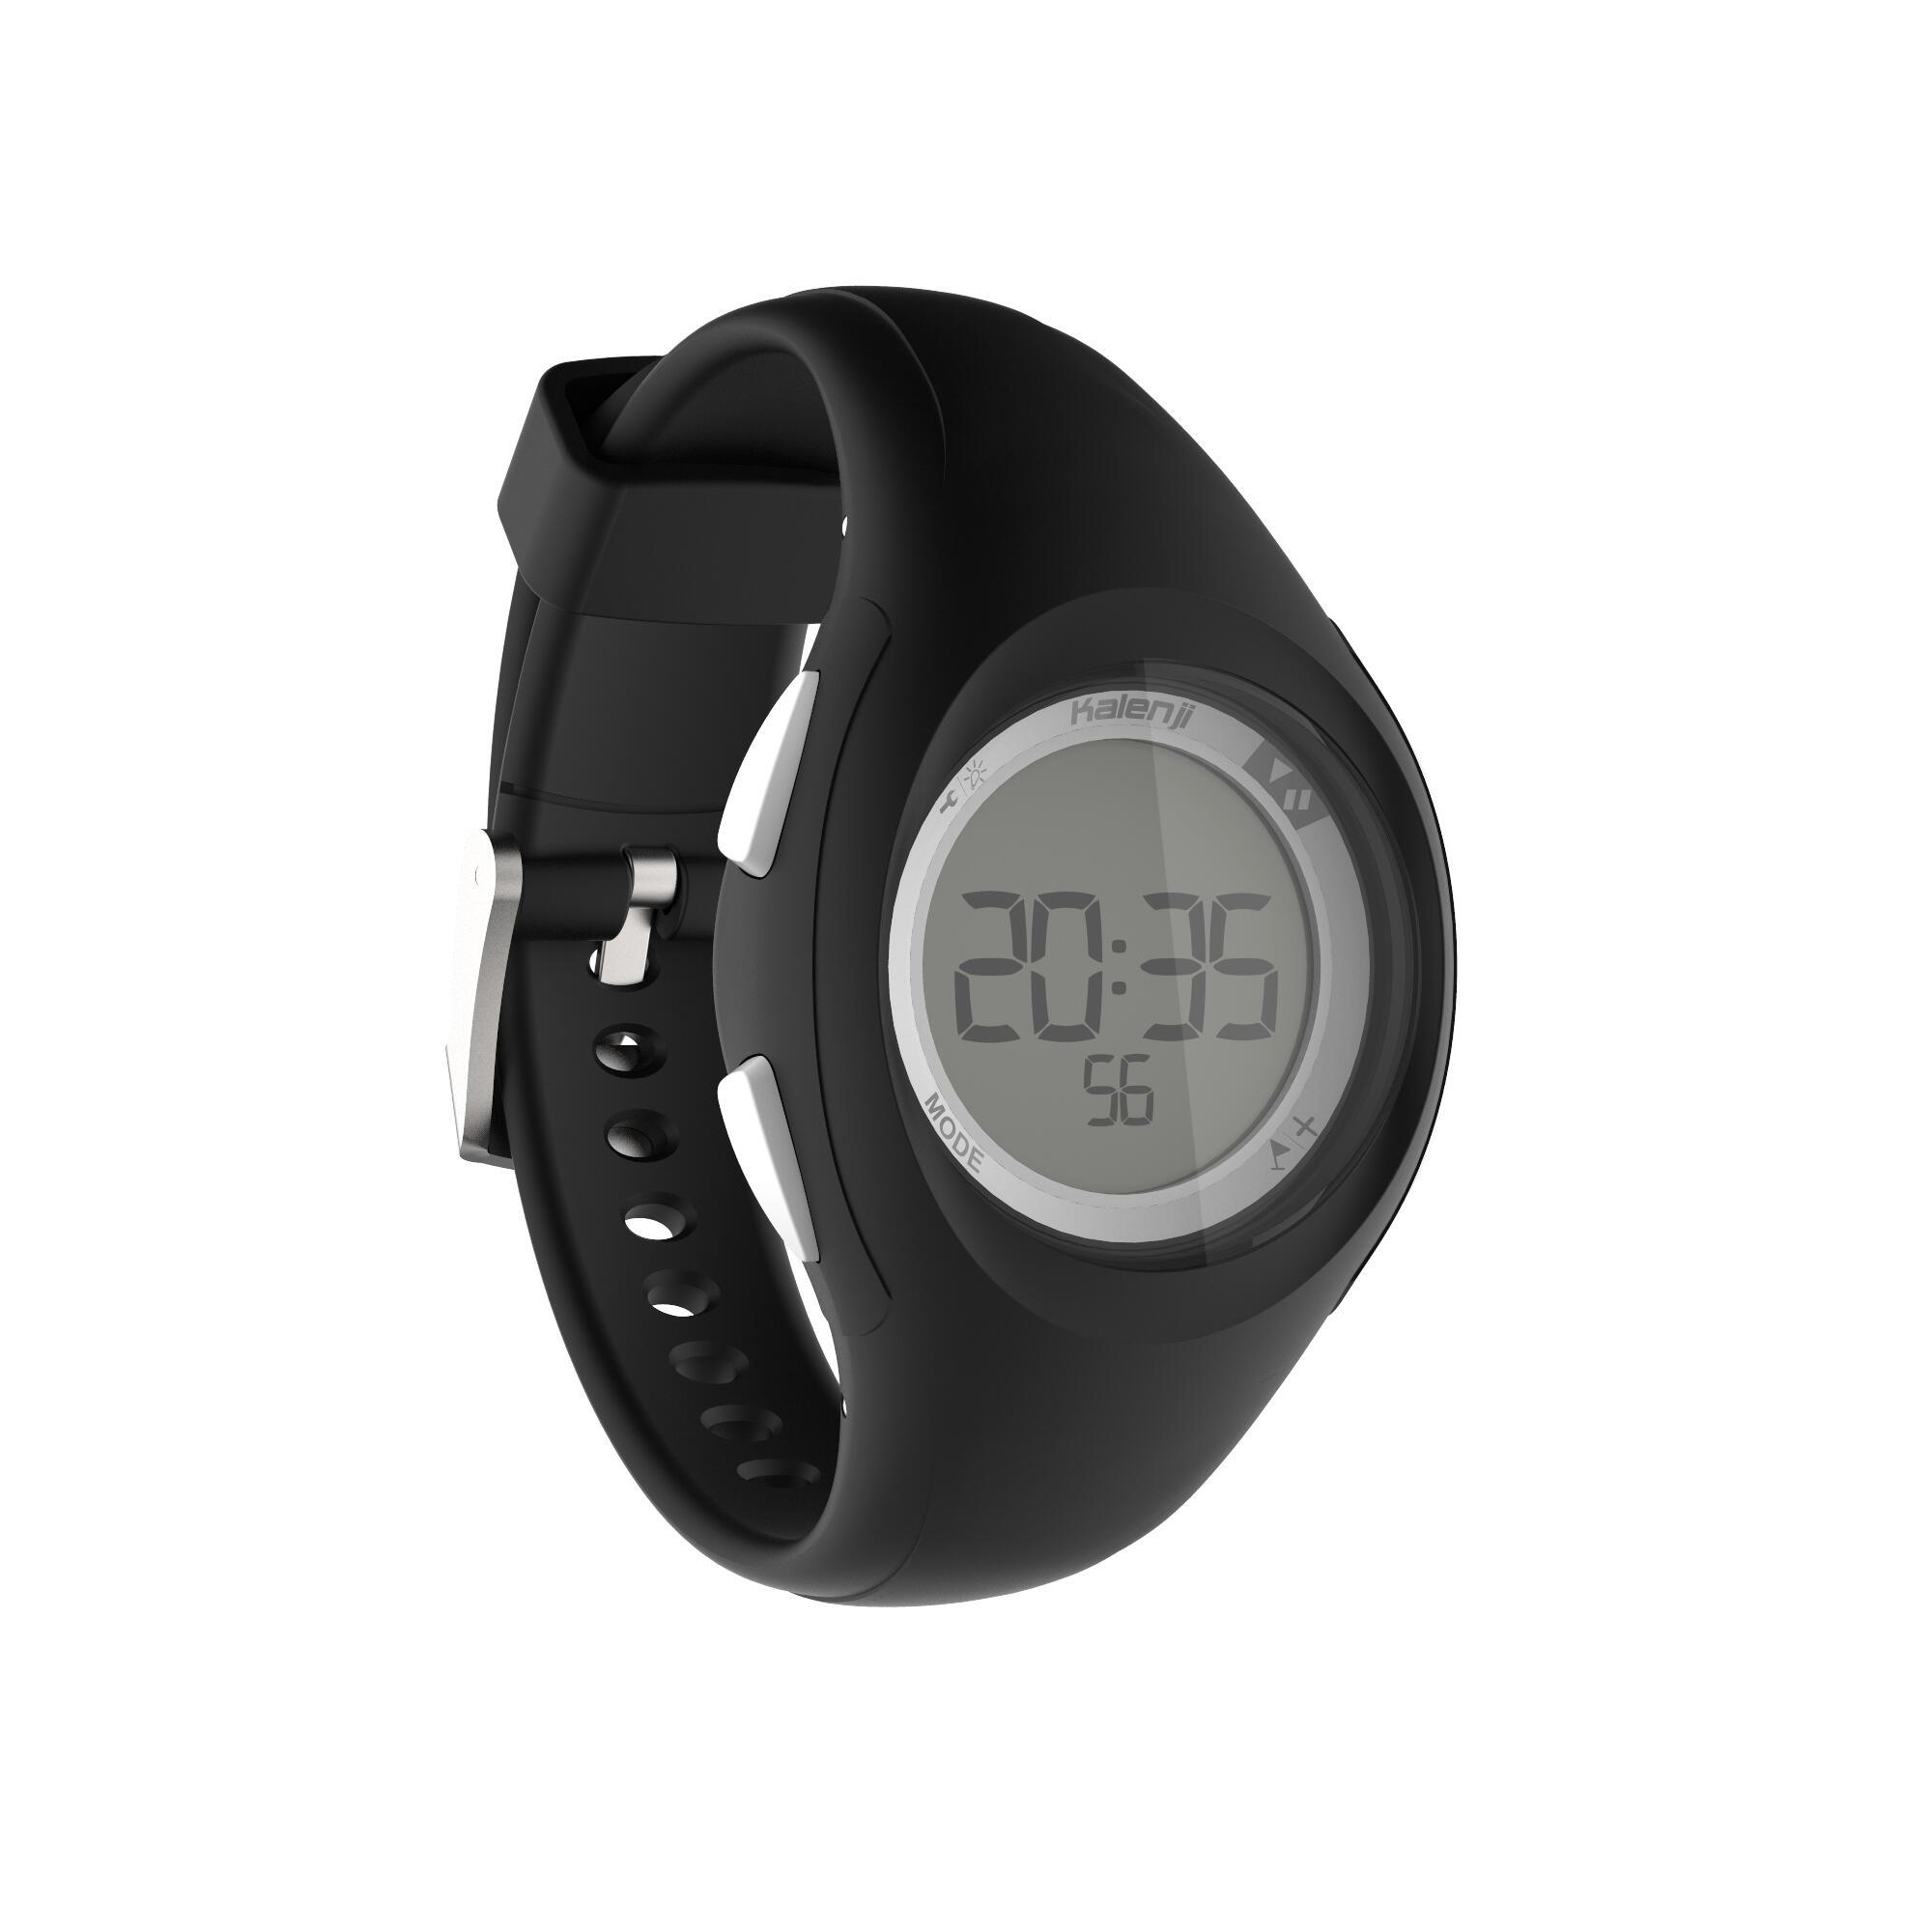 W200 S women and children's digital sport watch timer black